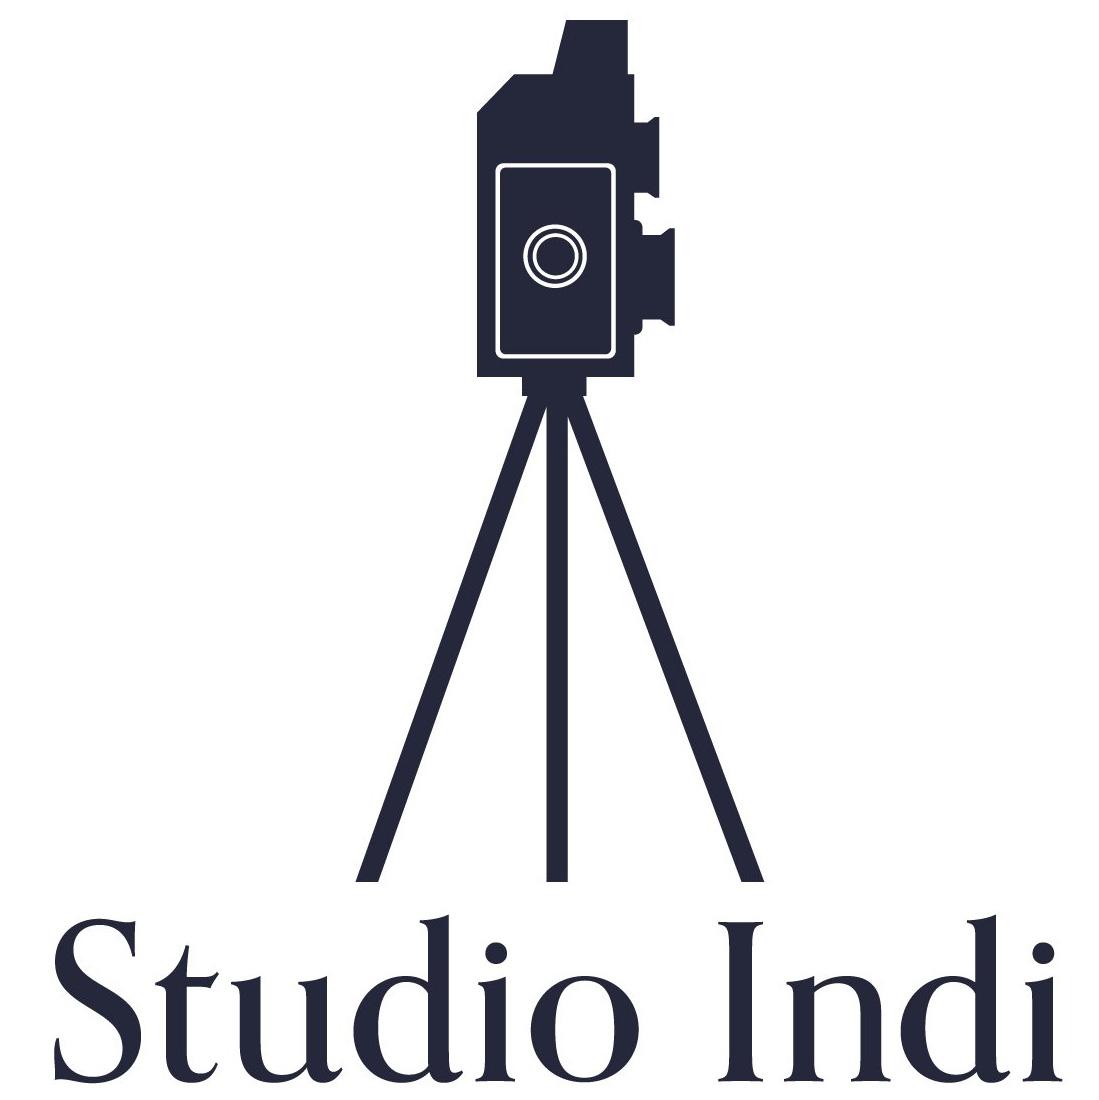 スタジオインディのロゴマーク